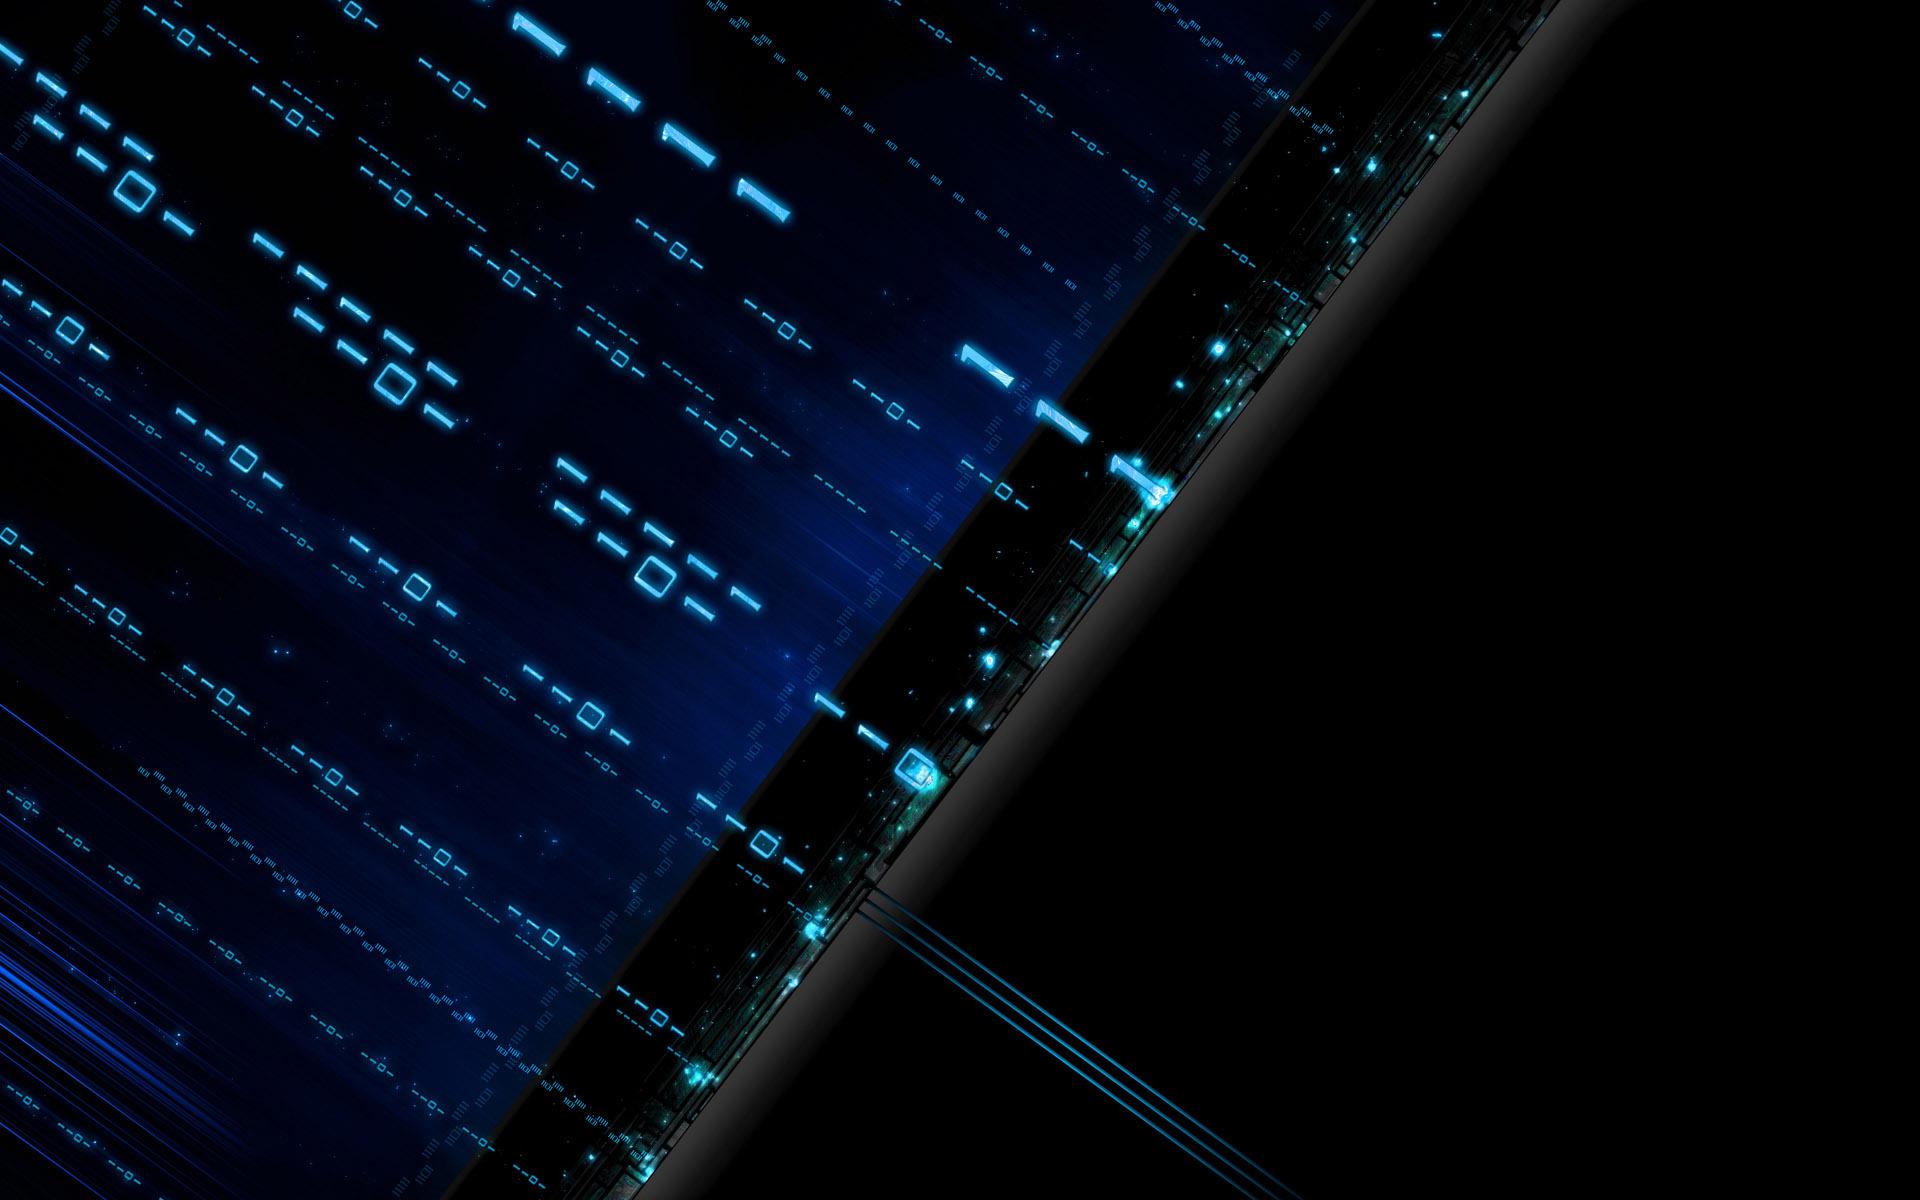 Binary code wallpaper 4905 1920x1200